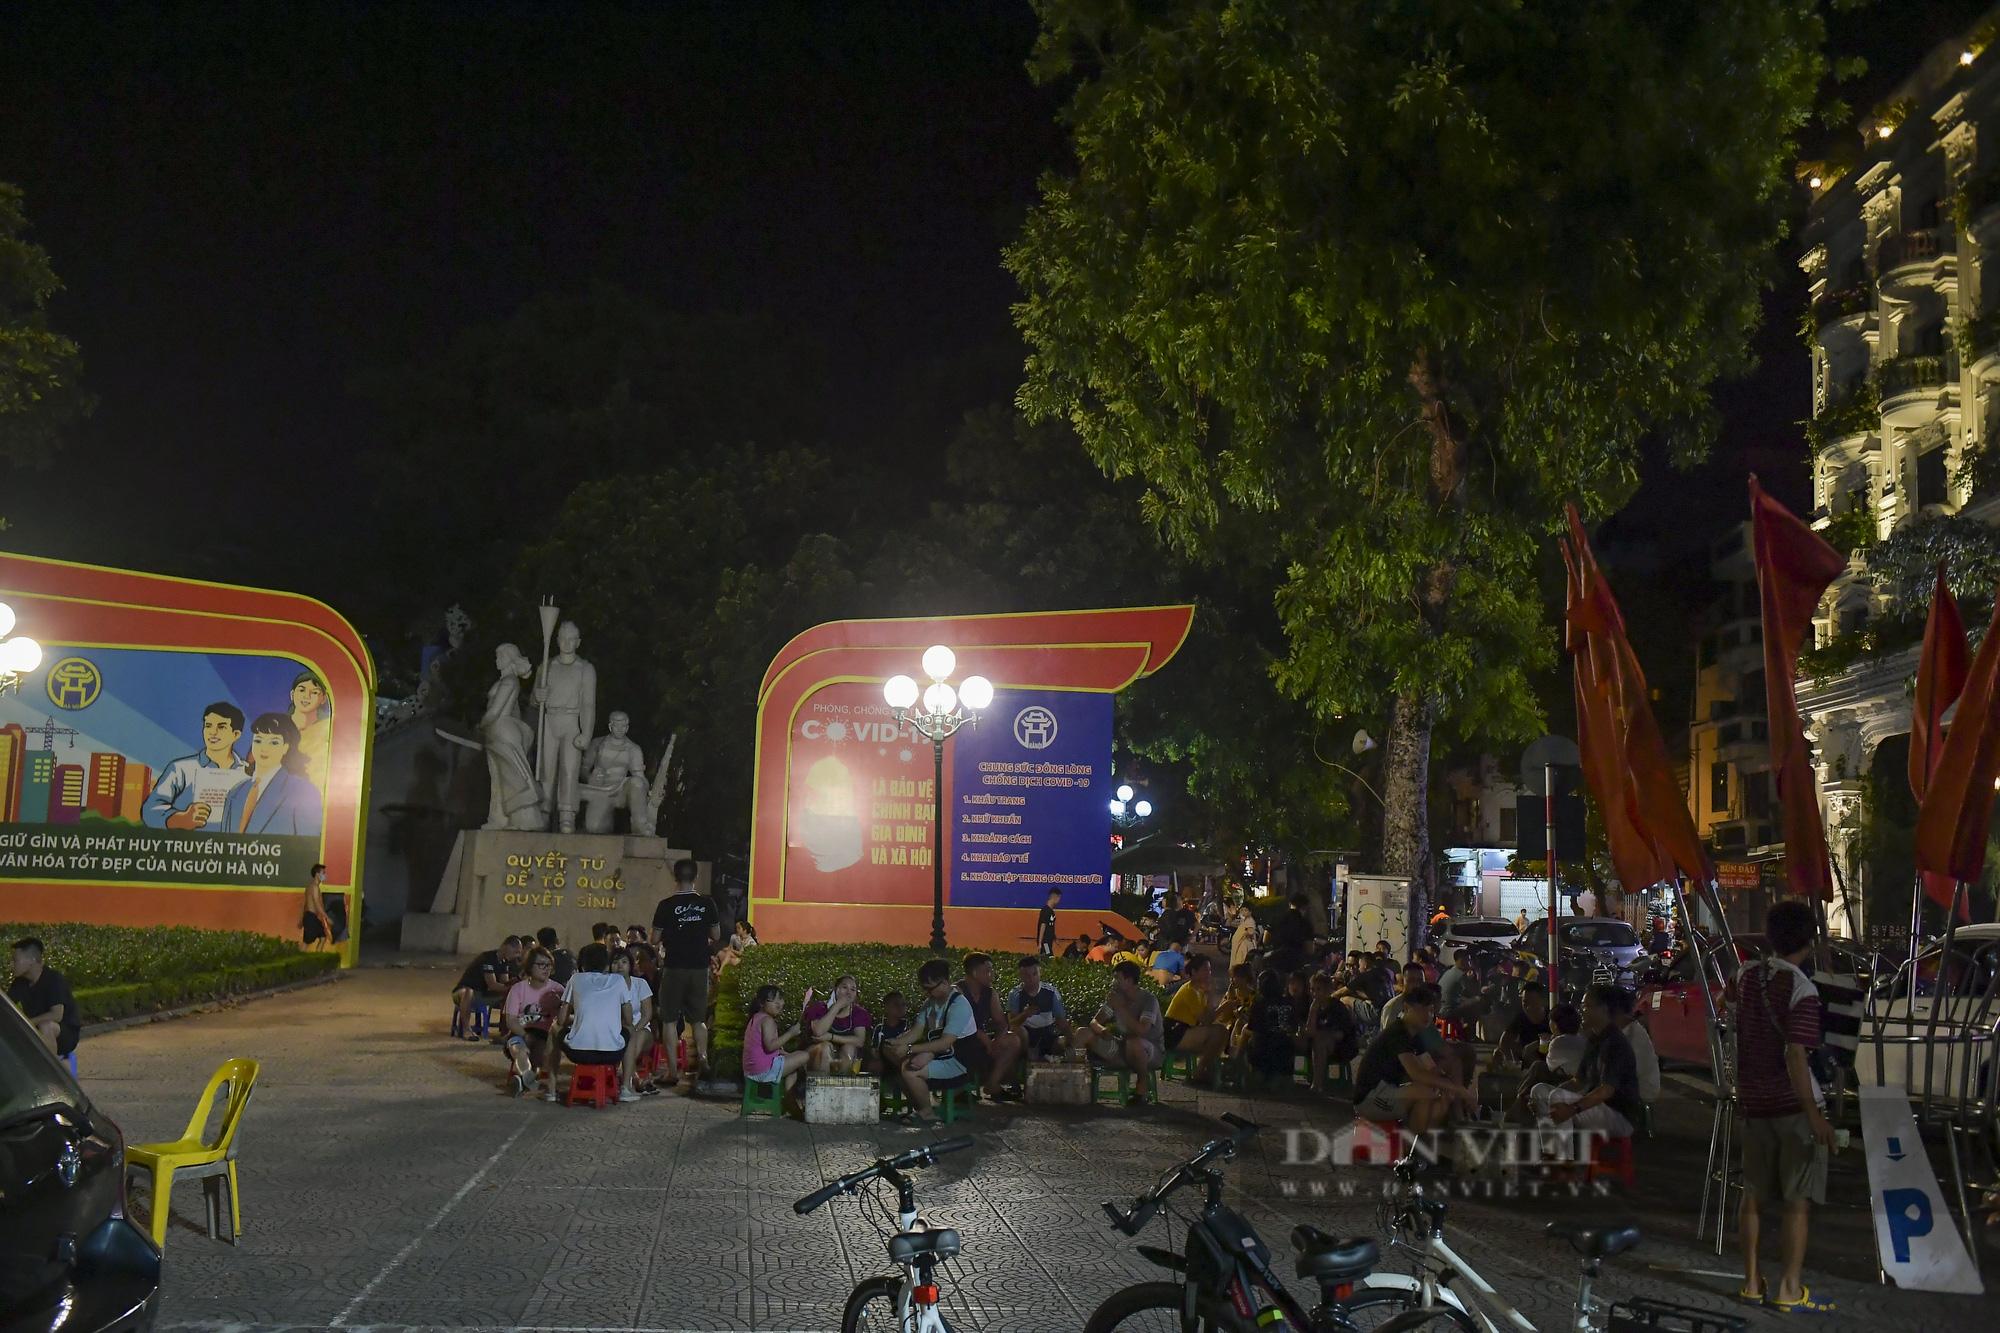 """Hà Nội: Phớt lờ lệnh cấm bán hàng sau 21h, nhiều nhà hàng """"nhốt khách"""" ăn uống phía trong - Ảnh 10."""